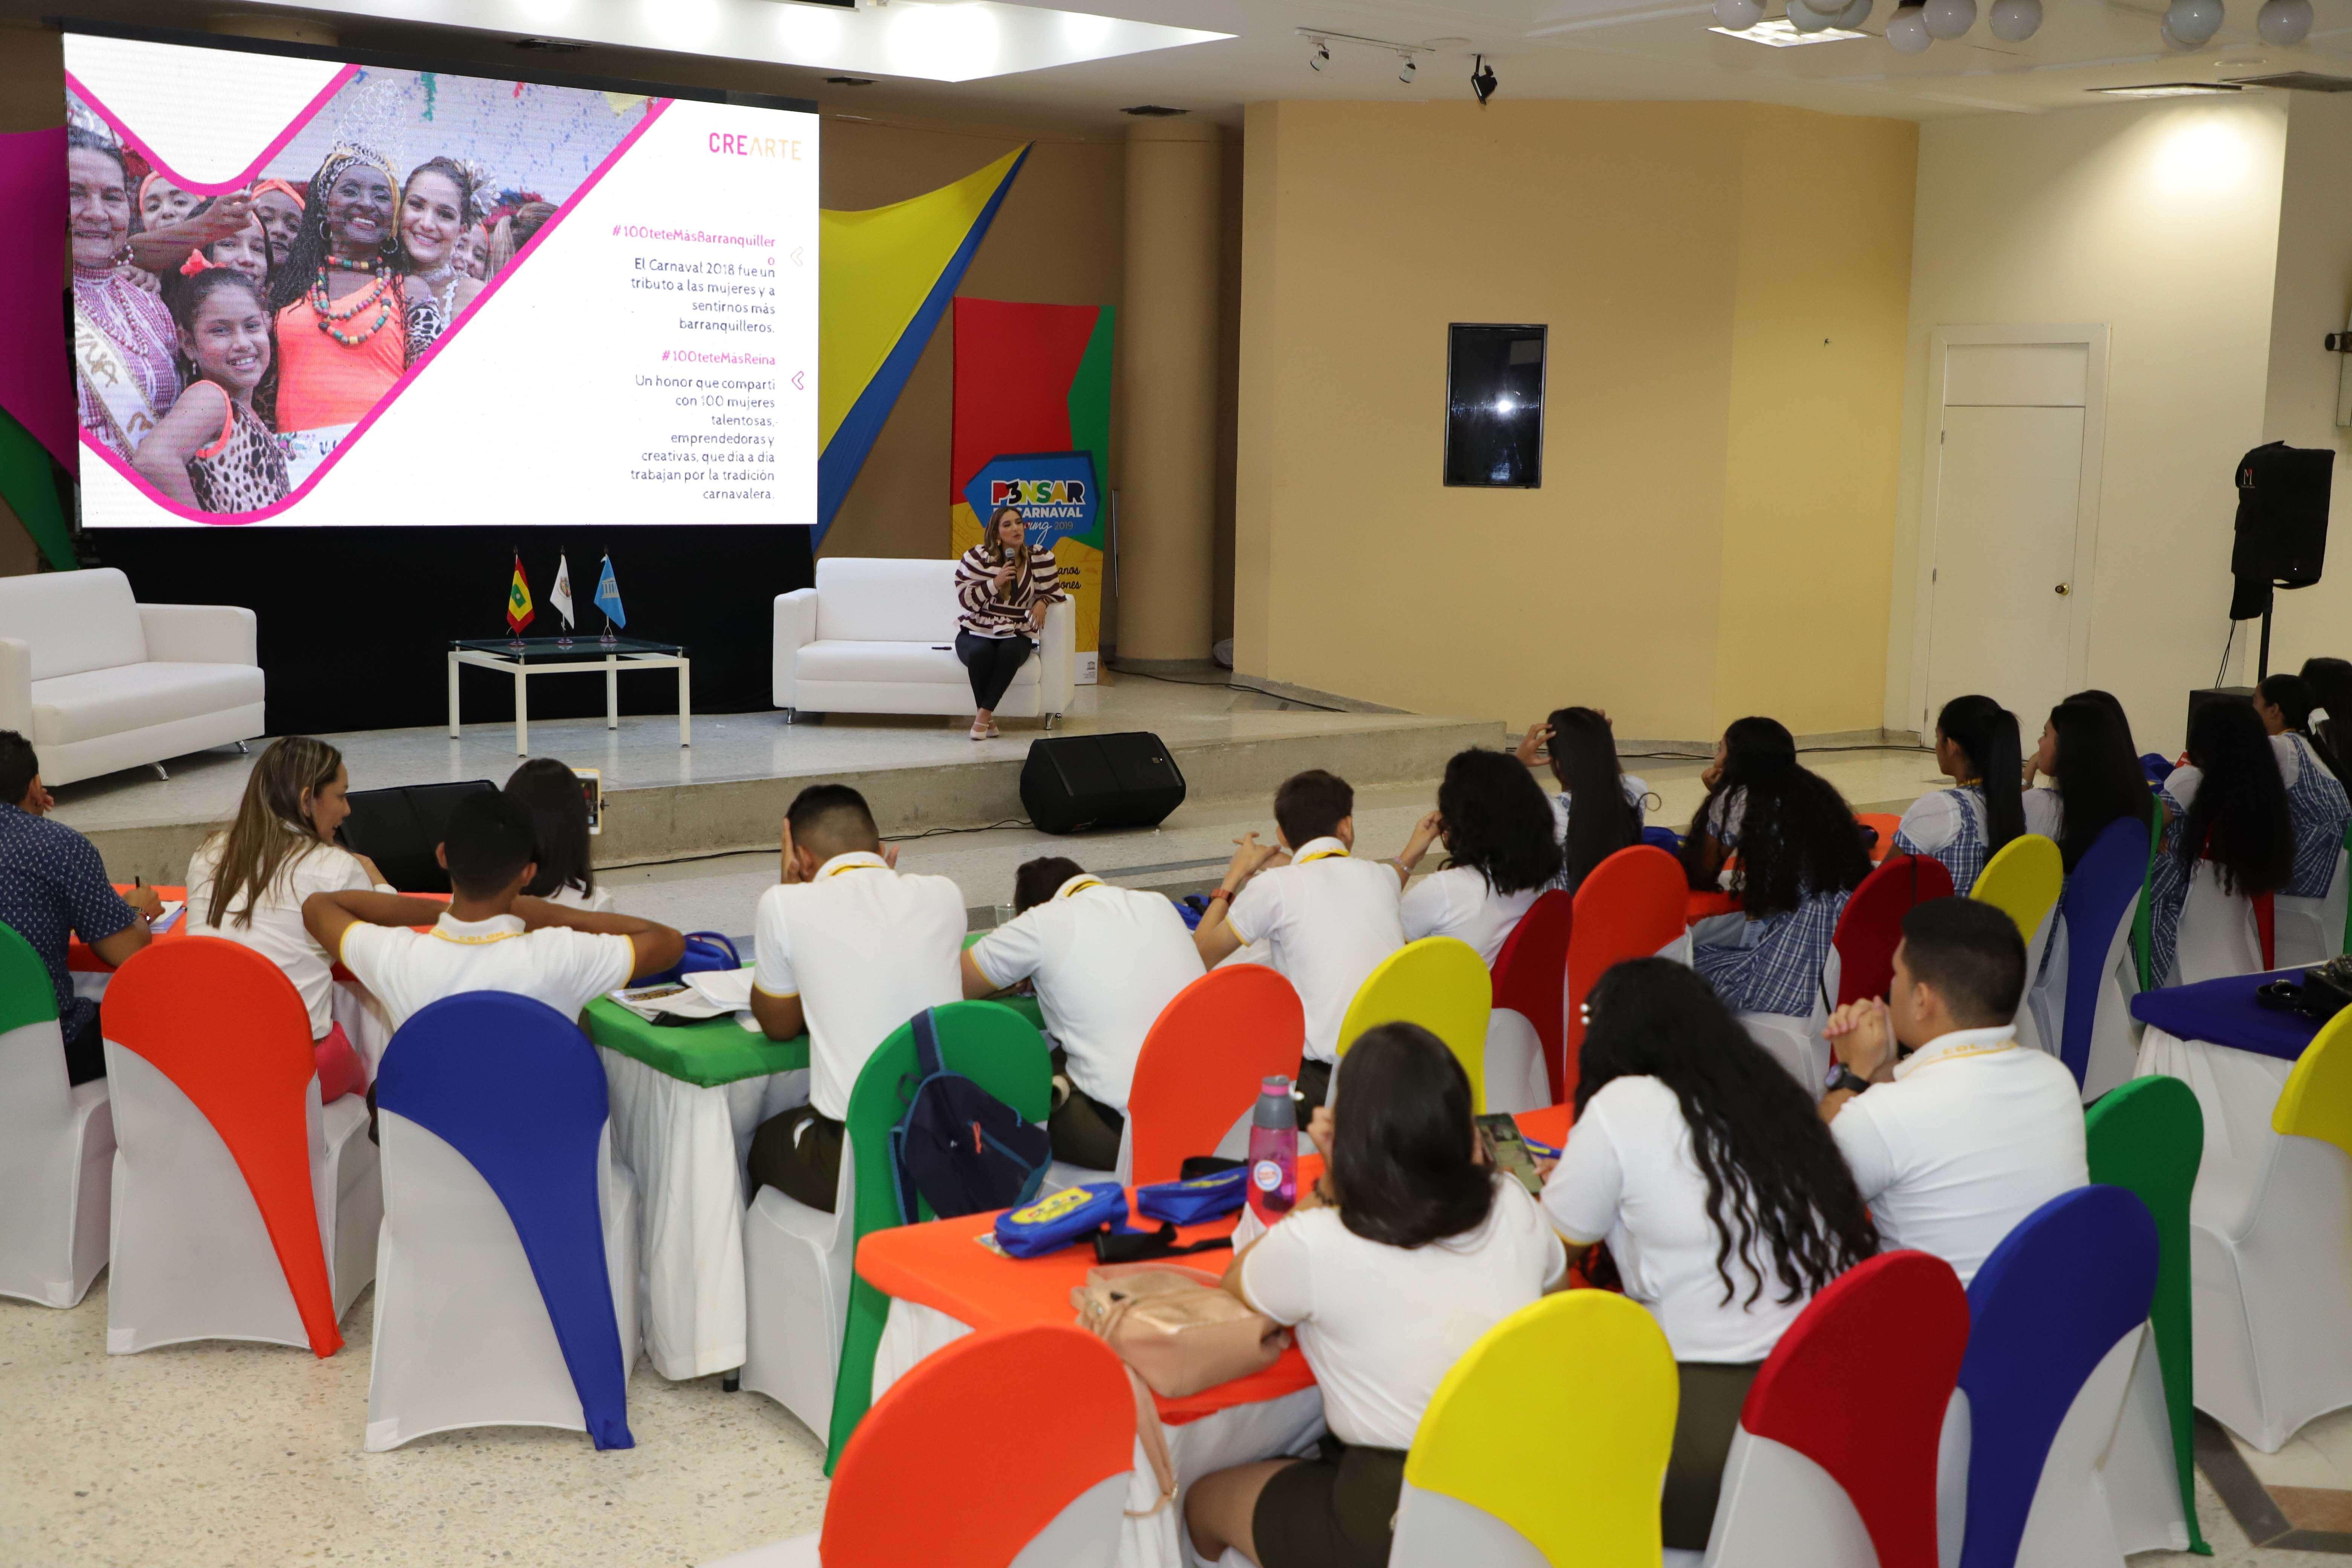 Primer Encuentro de Carnaval para jóvenes, una jornada llena de experiencias